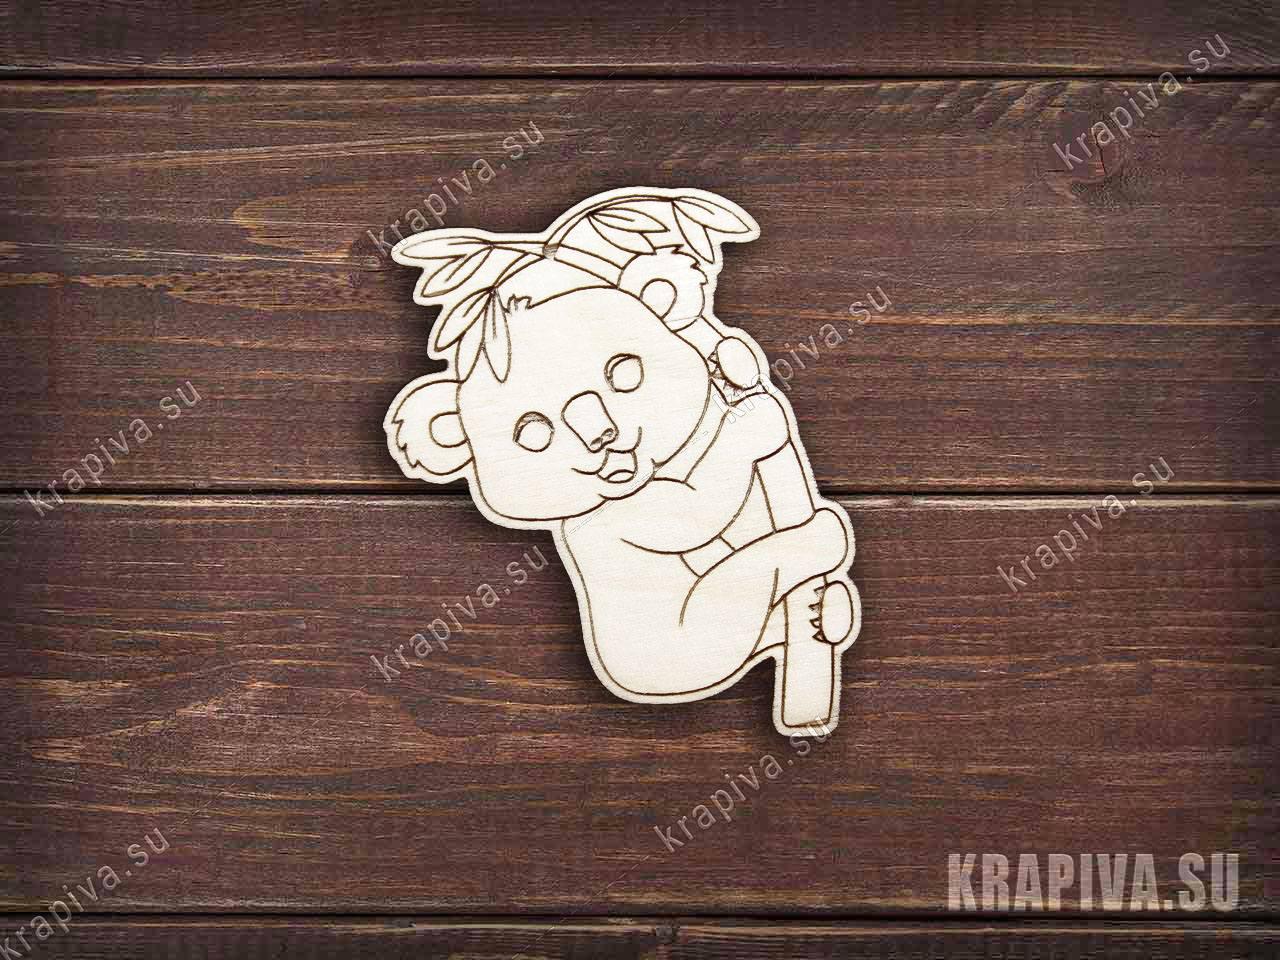 Коала на бамбуке заготовка значка за 35 руб. в магазине Крапива (krapiva.su) (фото)